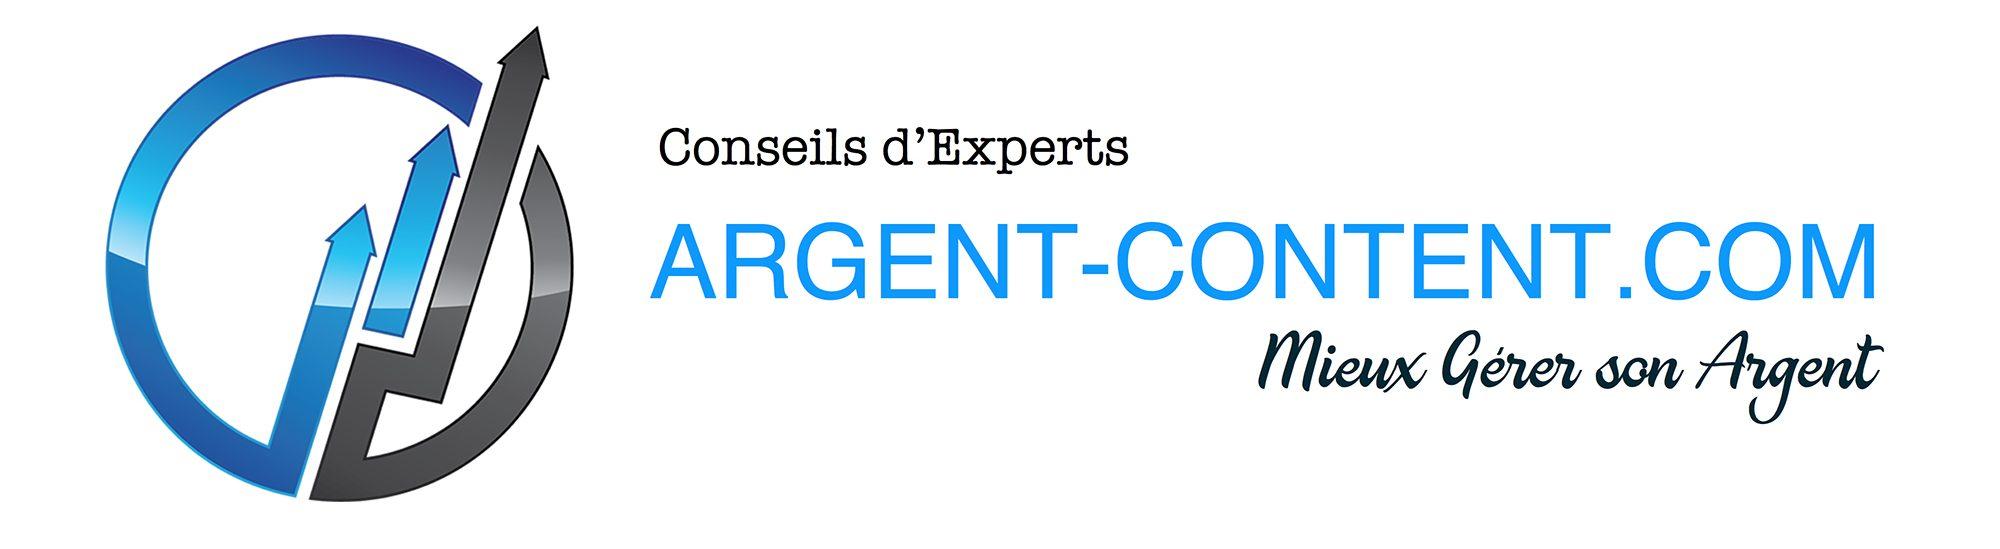 Argent-content.fr